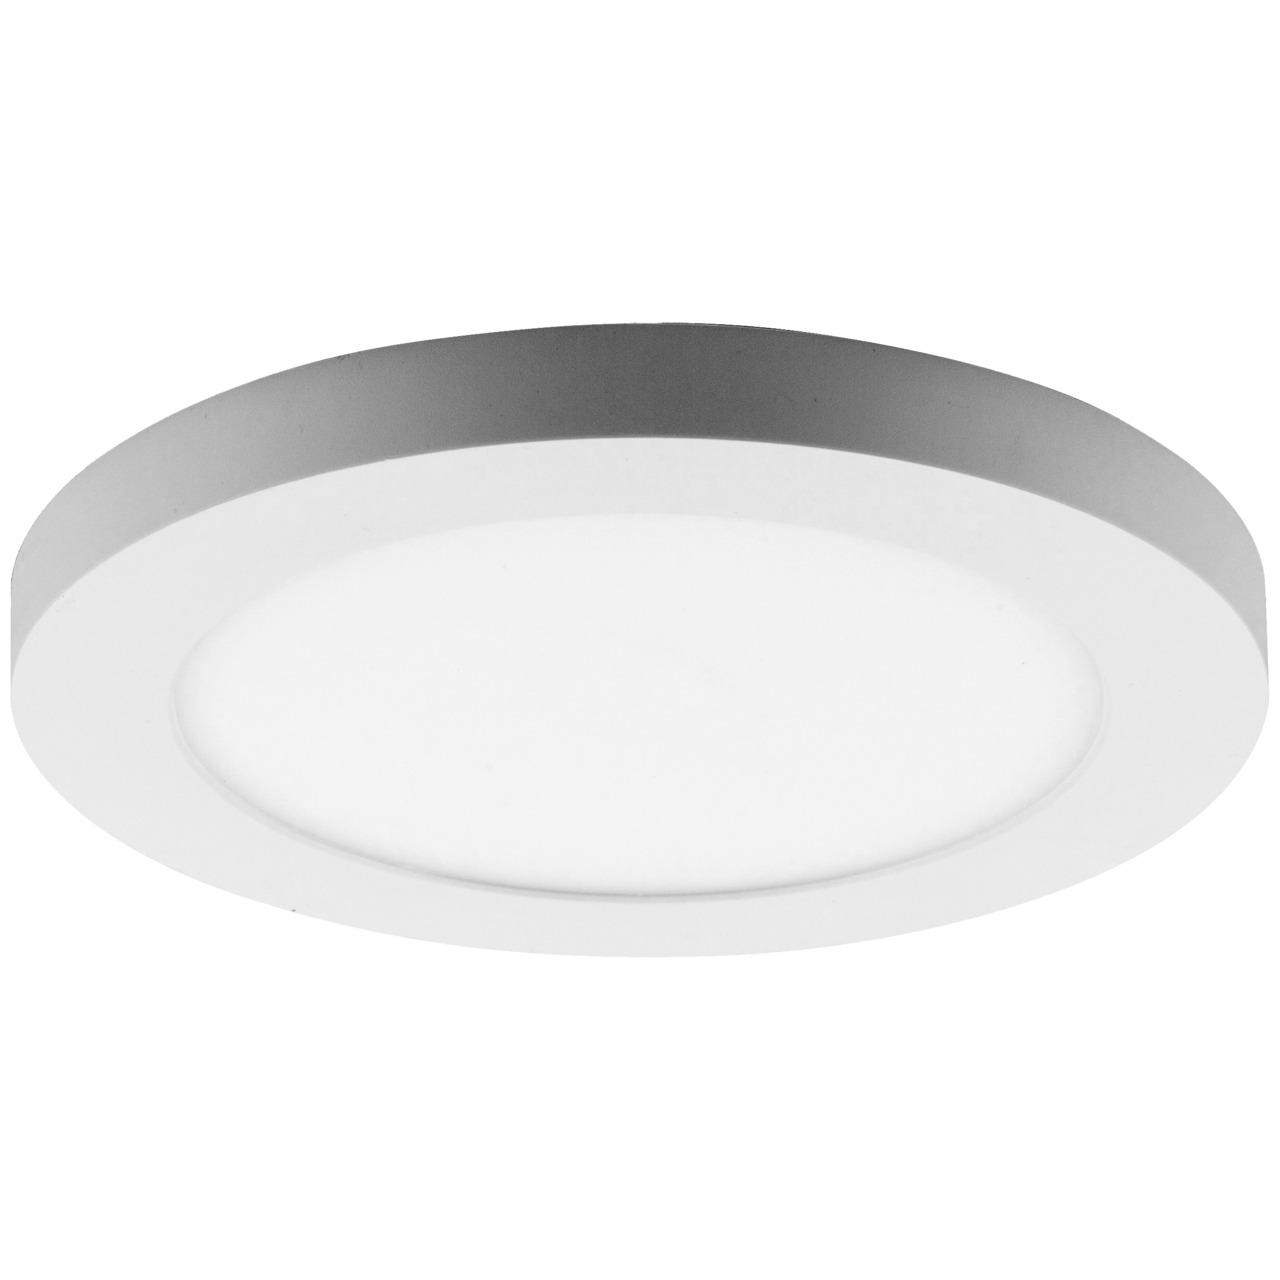 HEITRONIC 12-W-LED-Einbaustrahler SELESTO- rund- Einbaudurchmesser verstellbar (55-125mm)- dimmbar